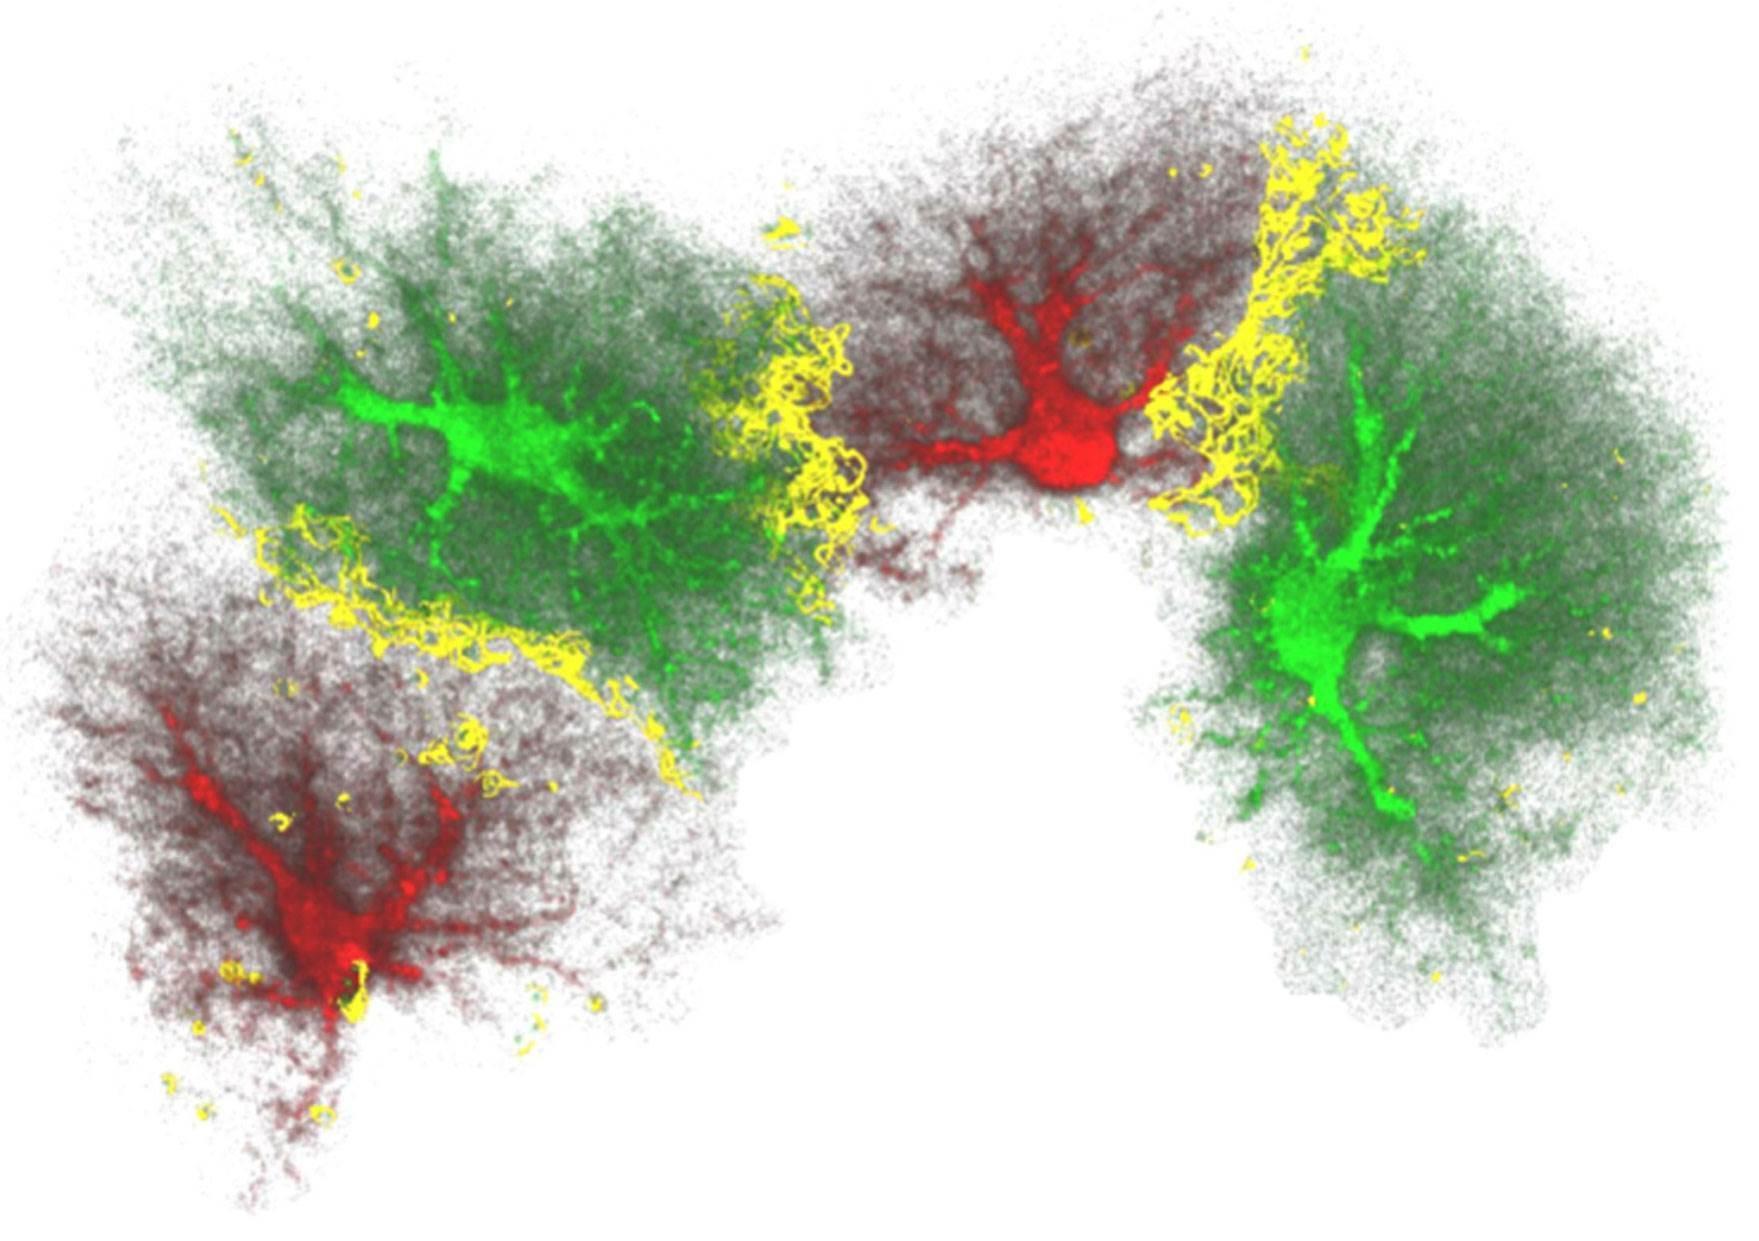 Как астроциты влияют на производство новых нейронов